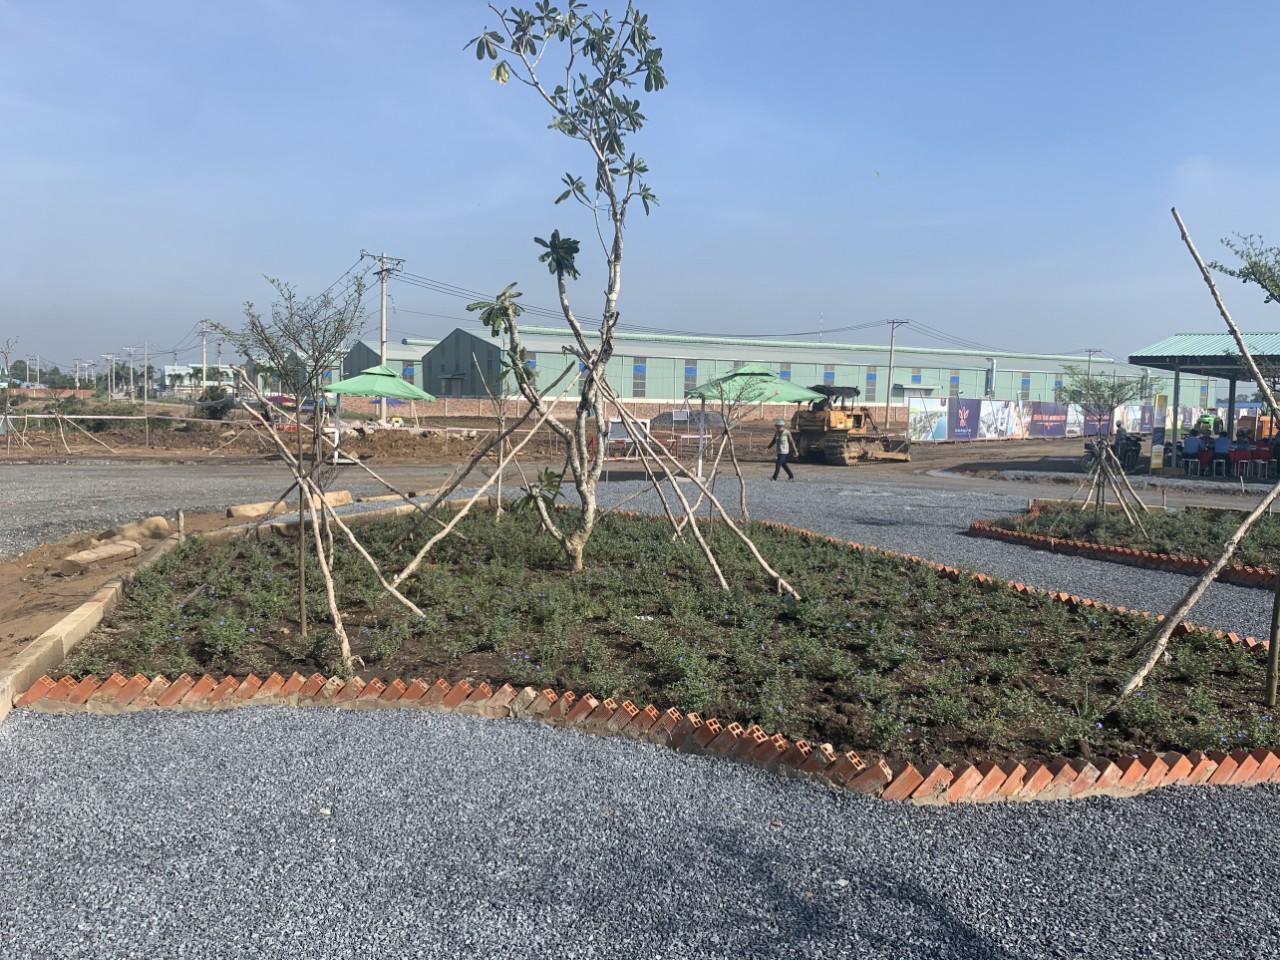 hamilton garden ke ben khu cong nghiep.jpg